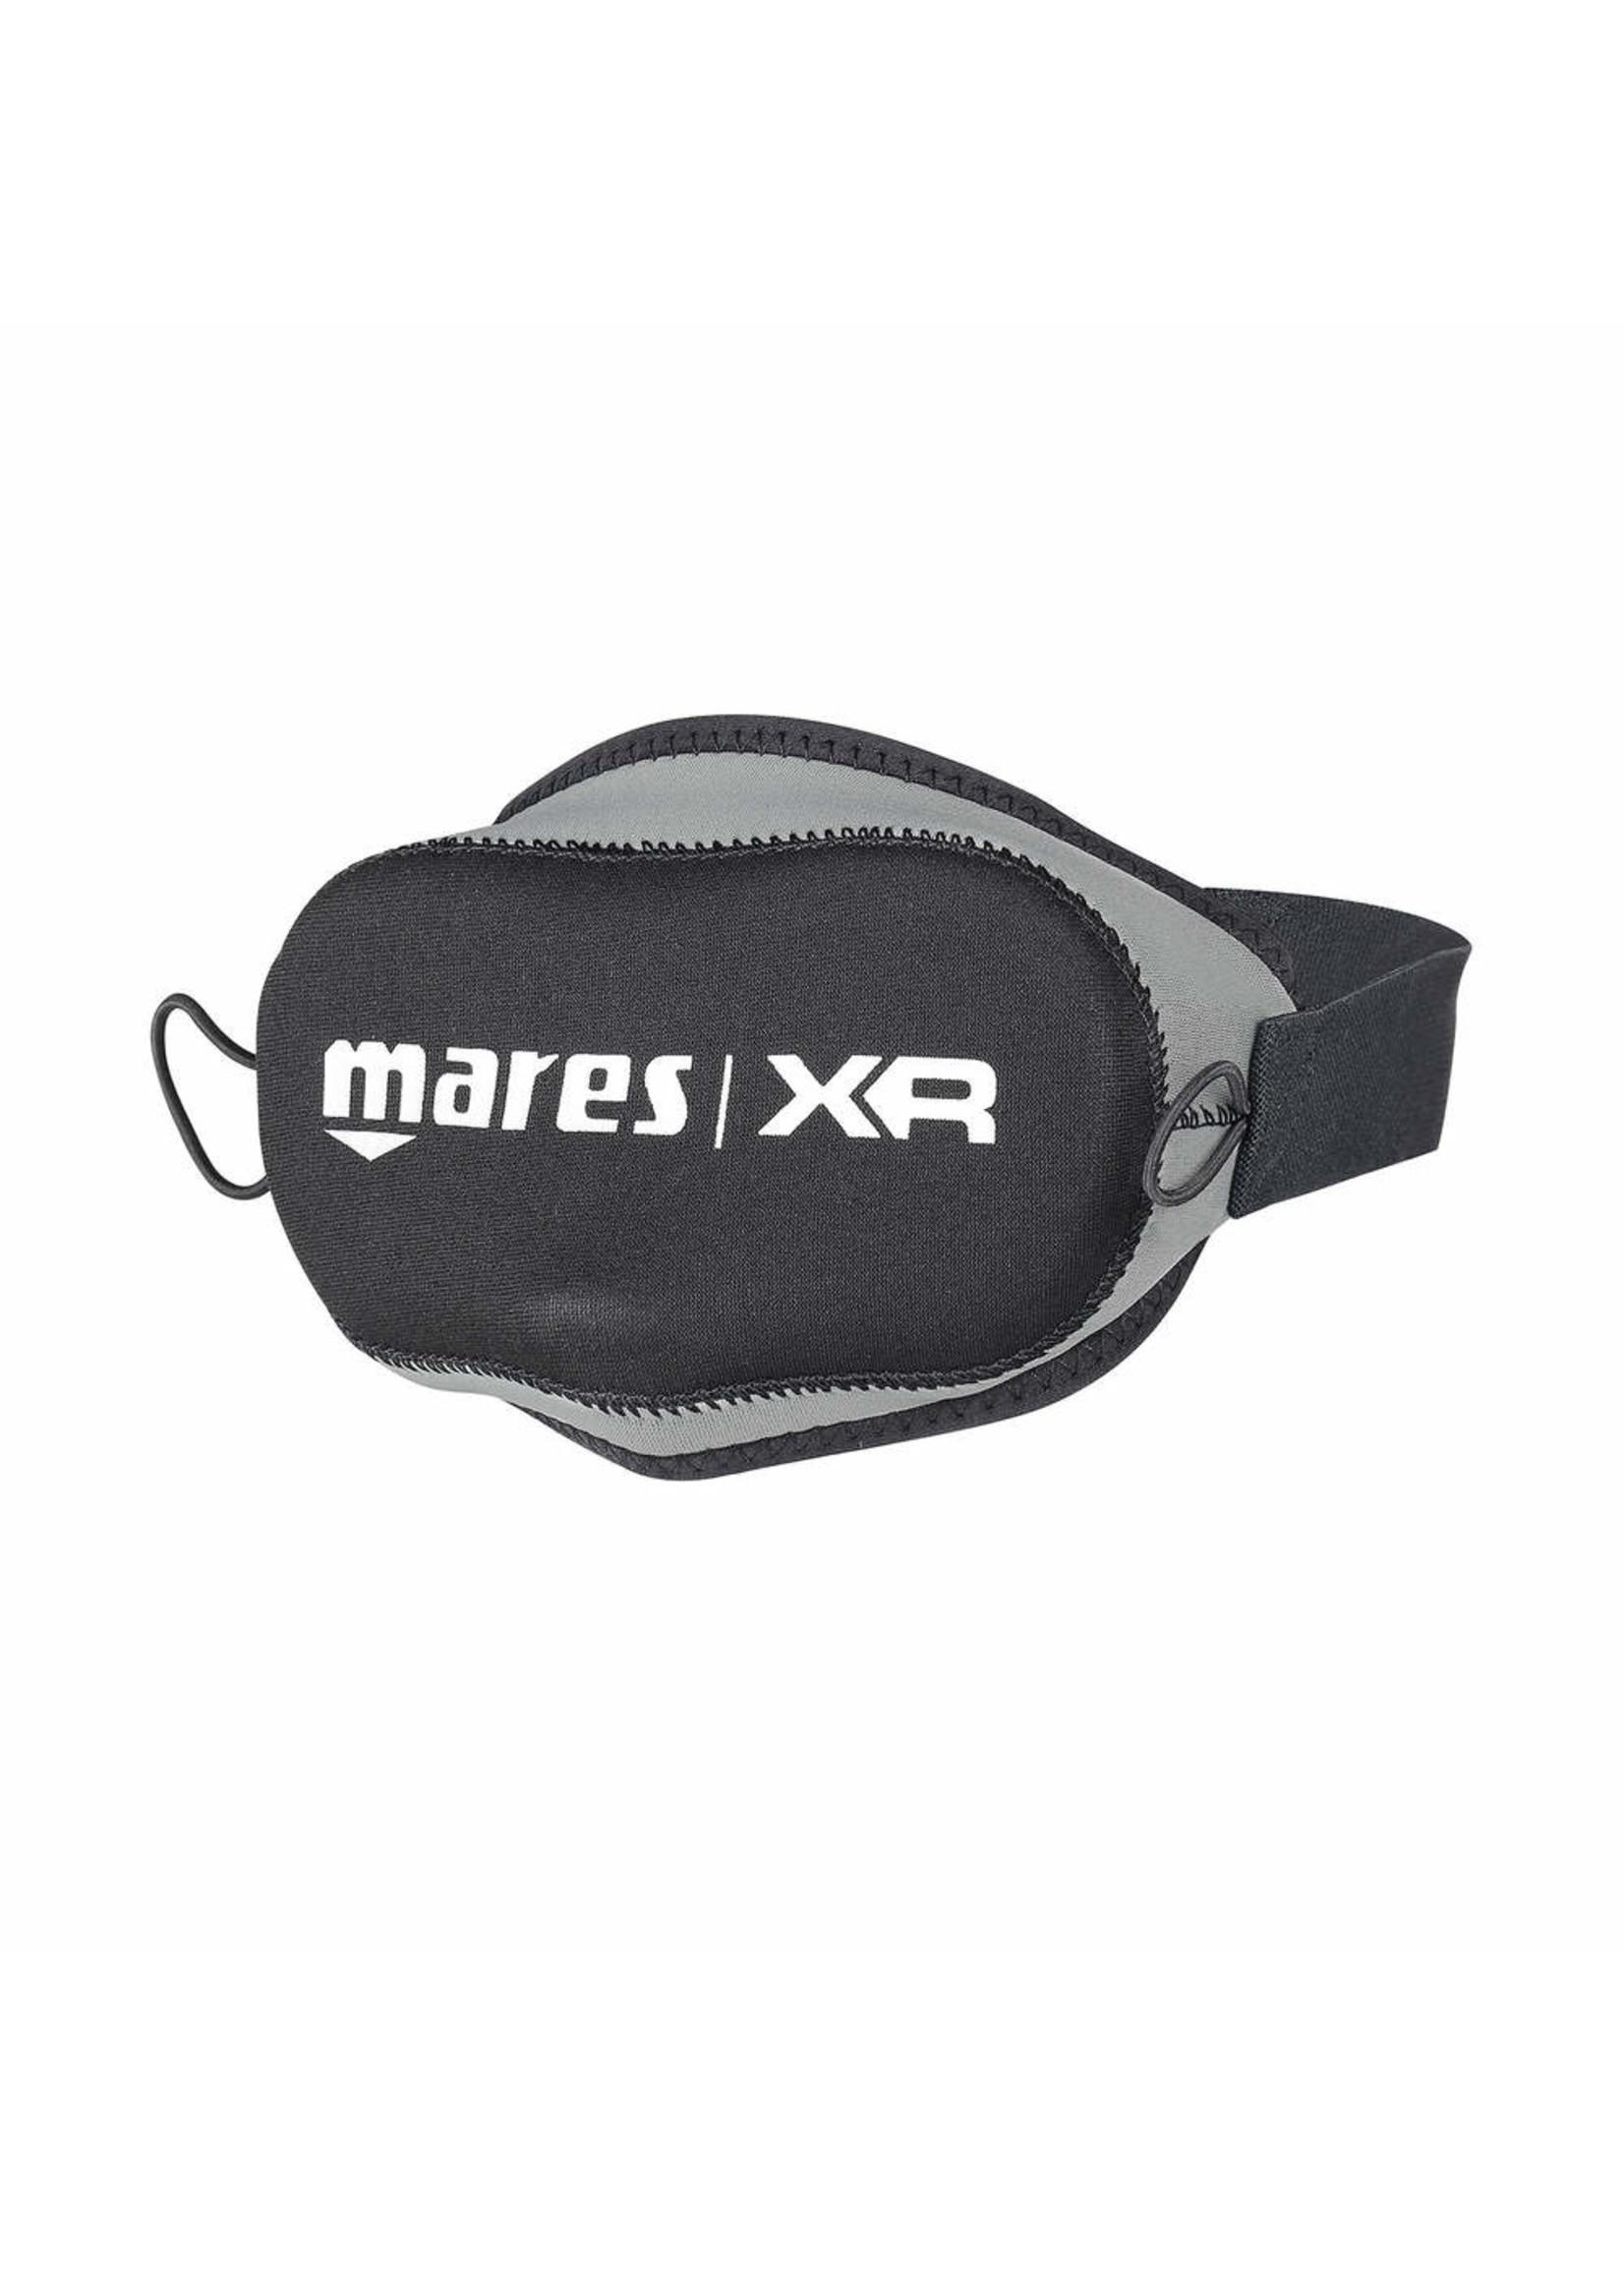 Mares Mares CAVE MASK BLINDER - XR LINE